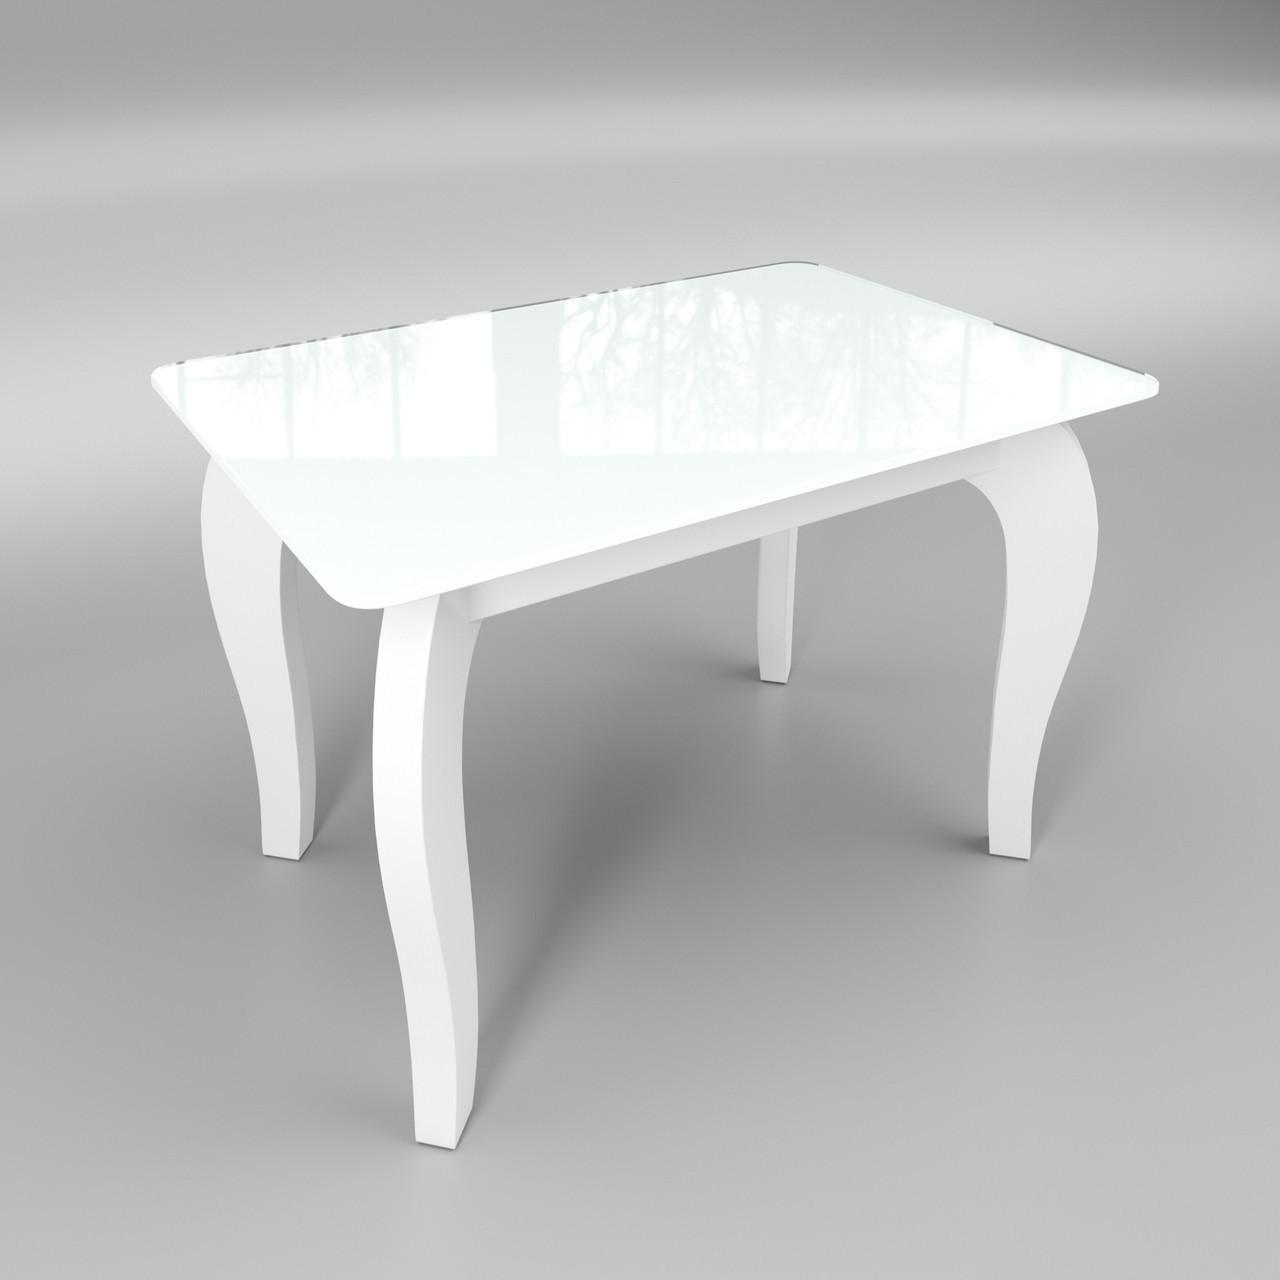 Стеклянный стол Император мини (журнальный) белый